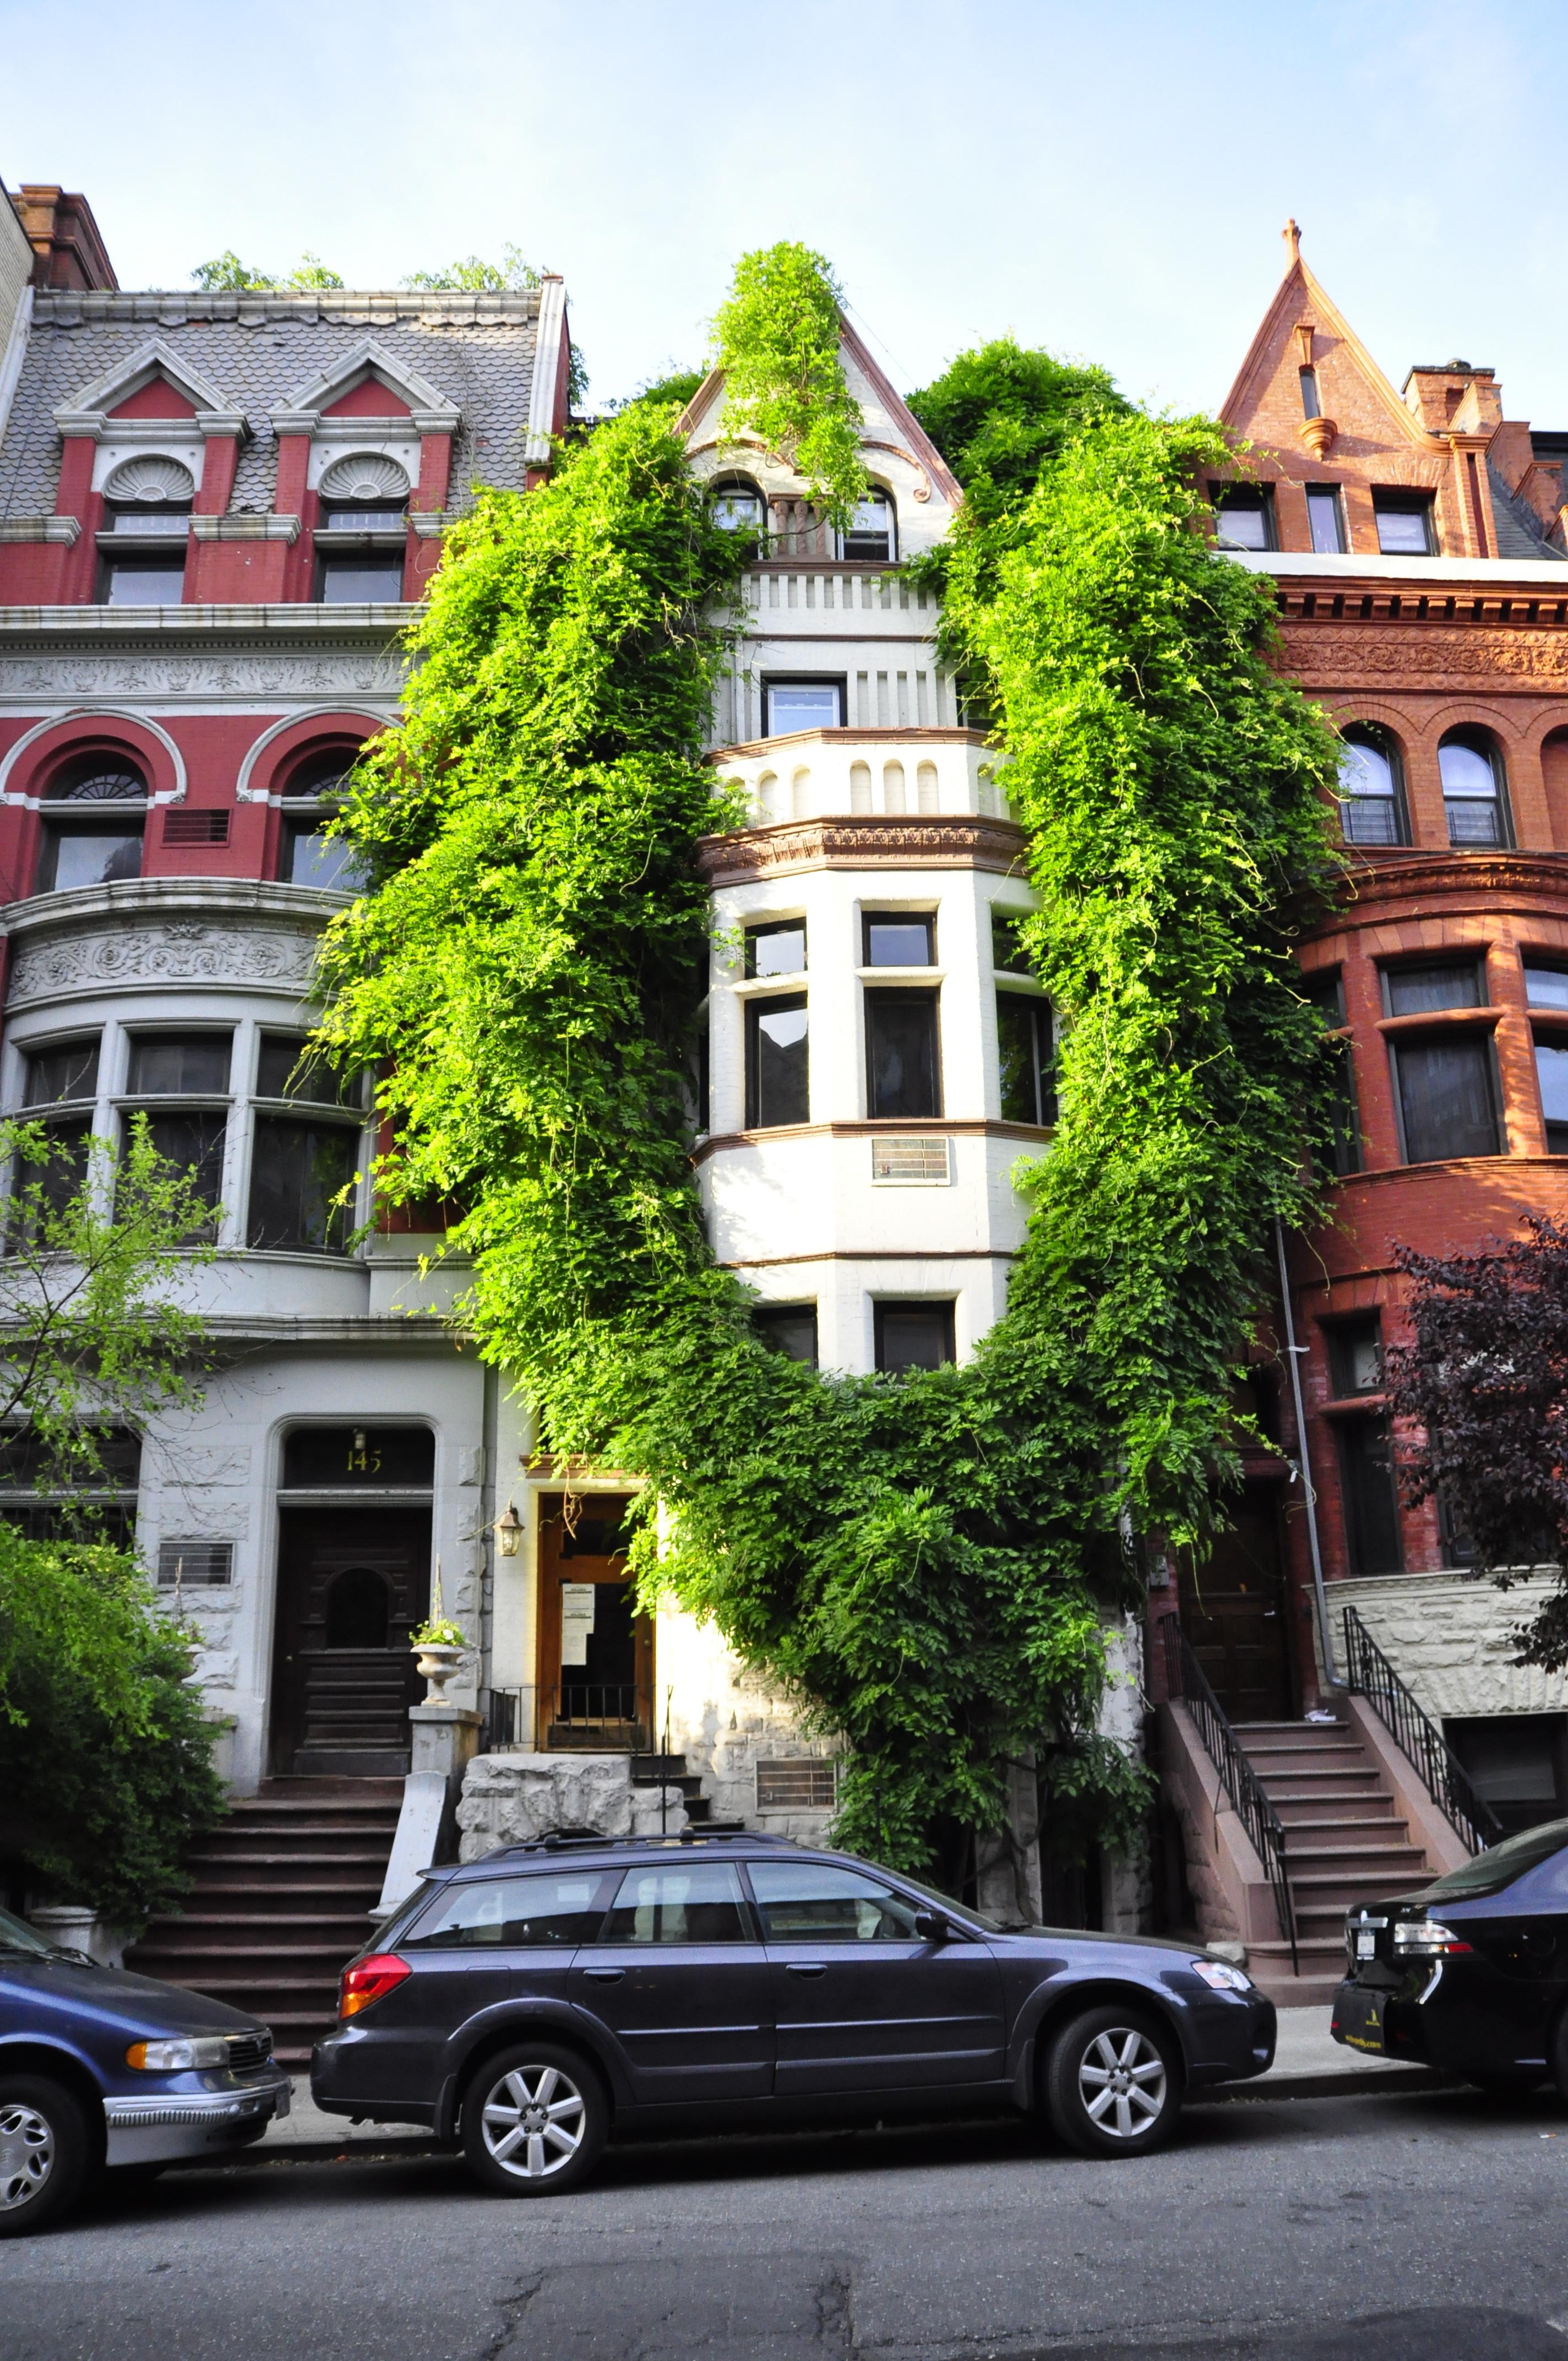 file wisteria garlanded building in upper west side. Black Bedroom Furniture Sets. Home Design Ideas